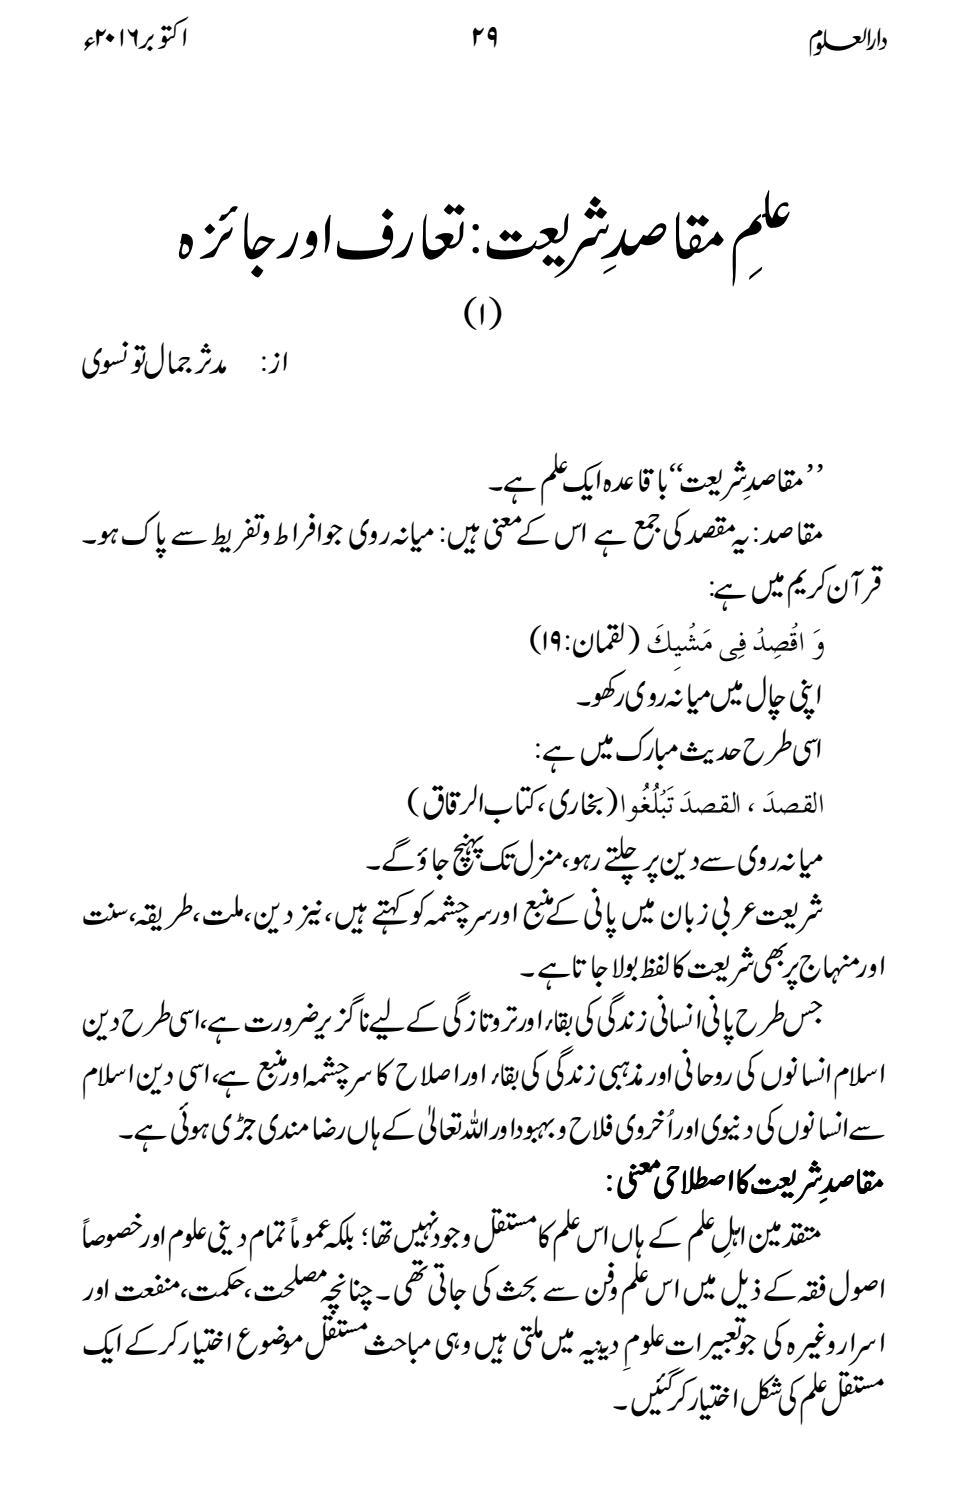 05 Ilm Maqasid Shariat Mdu 10 Oct 16 1 By Abdul Issuu